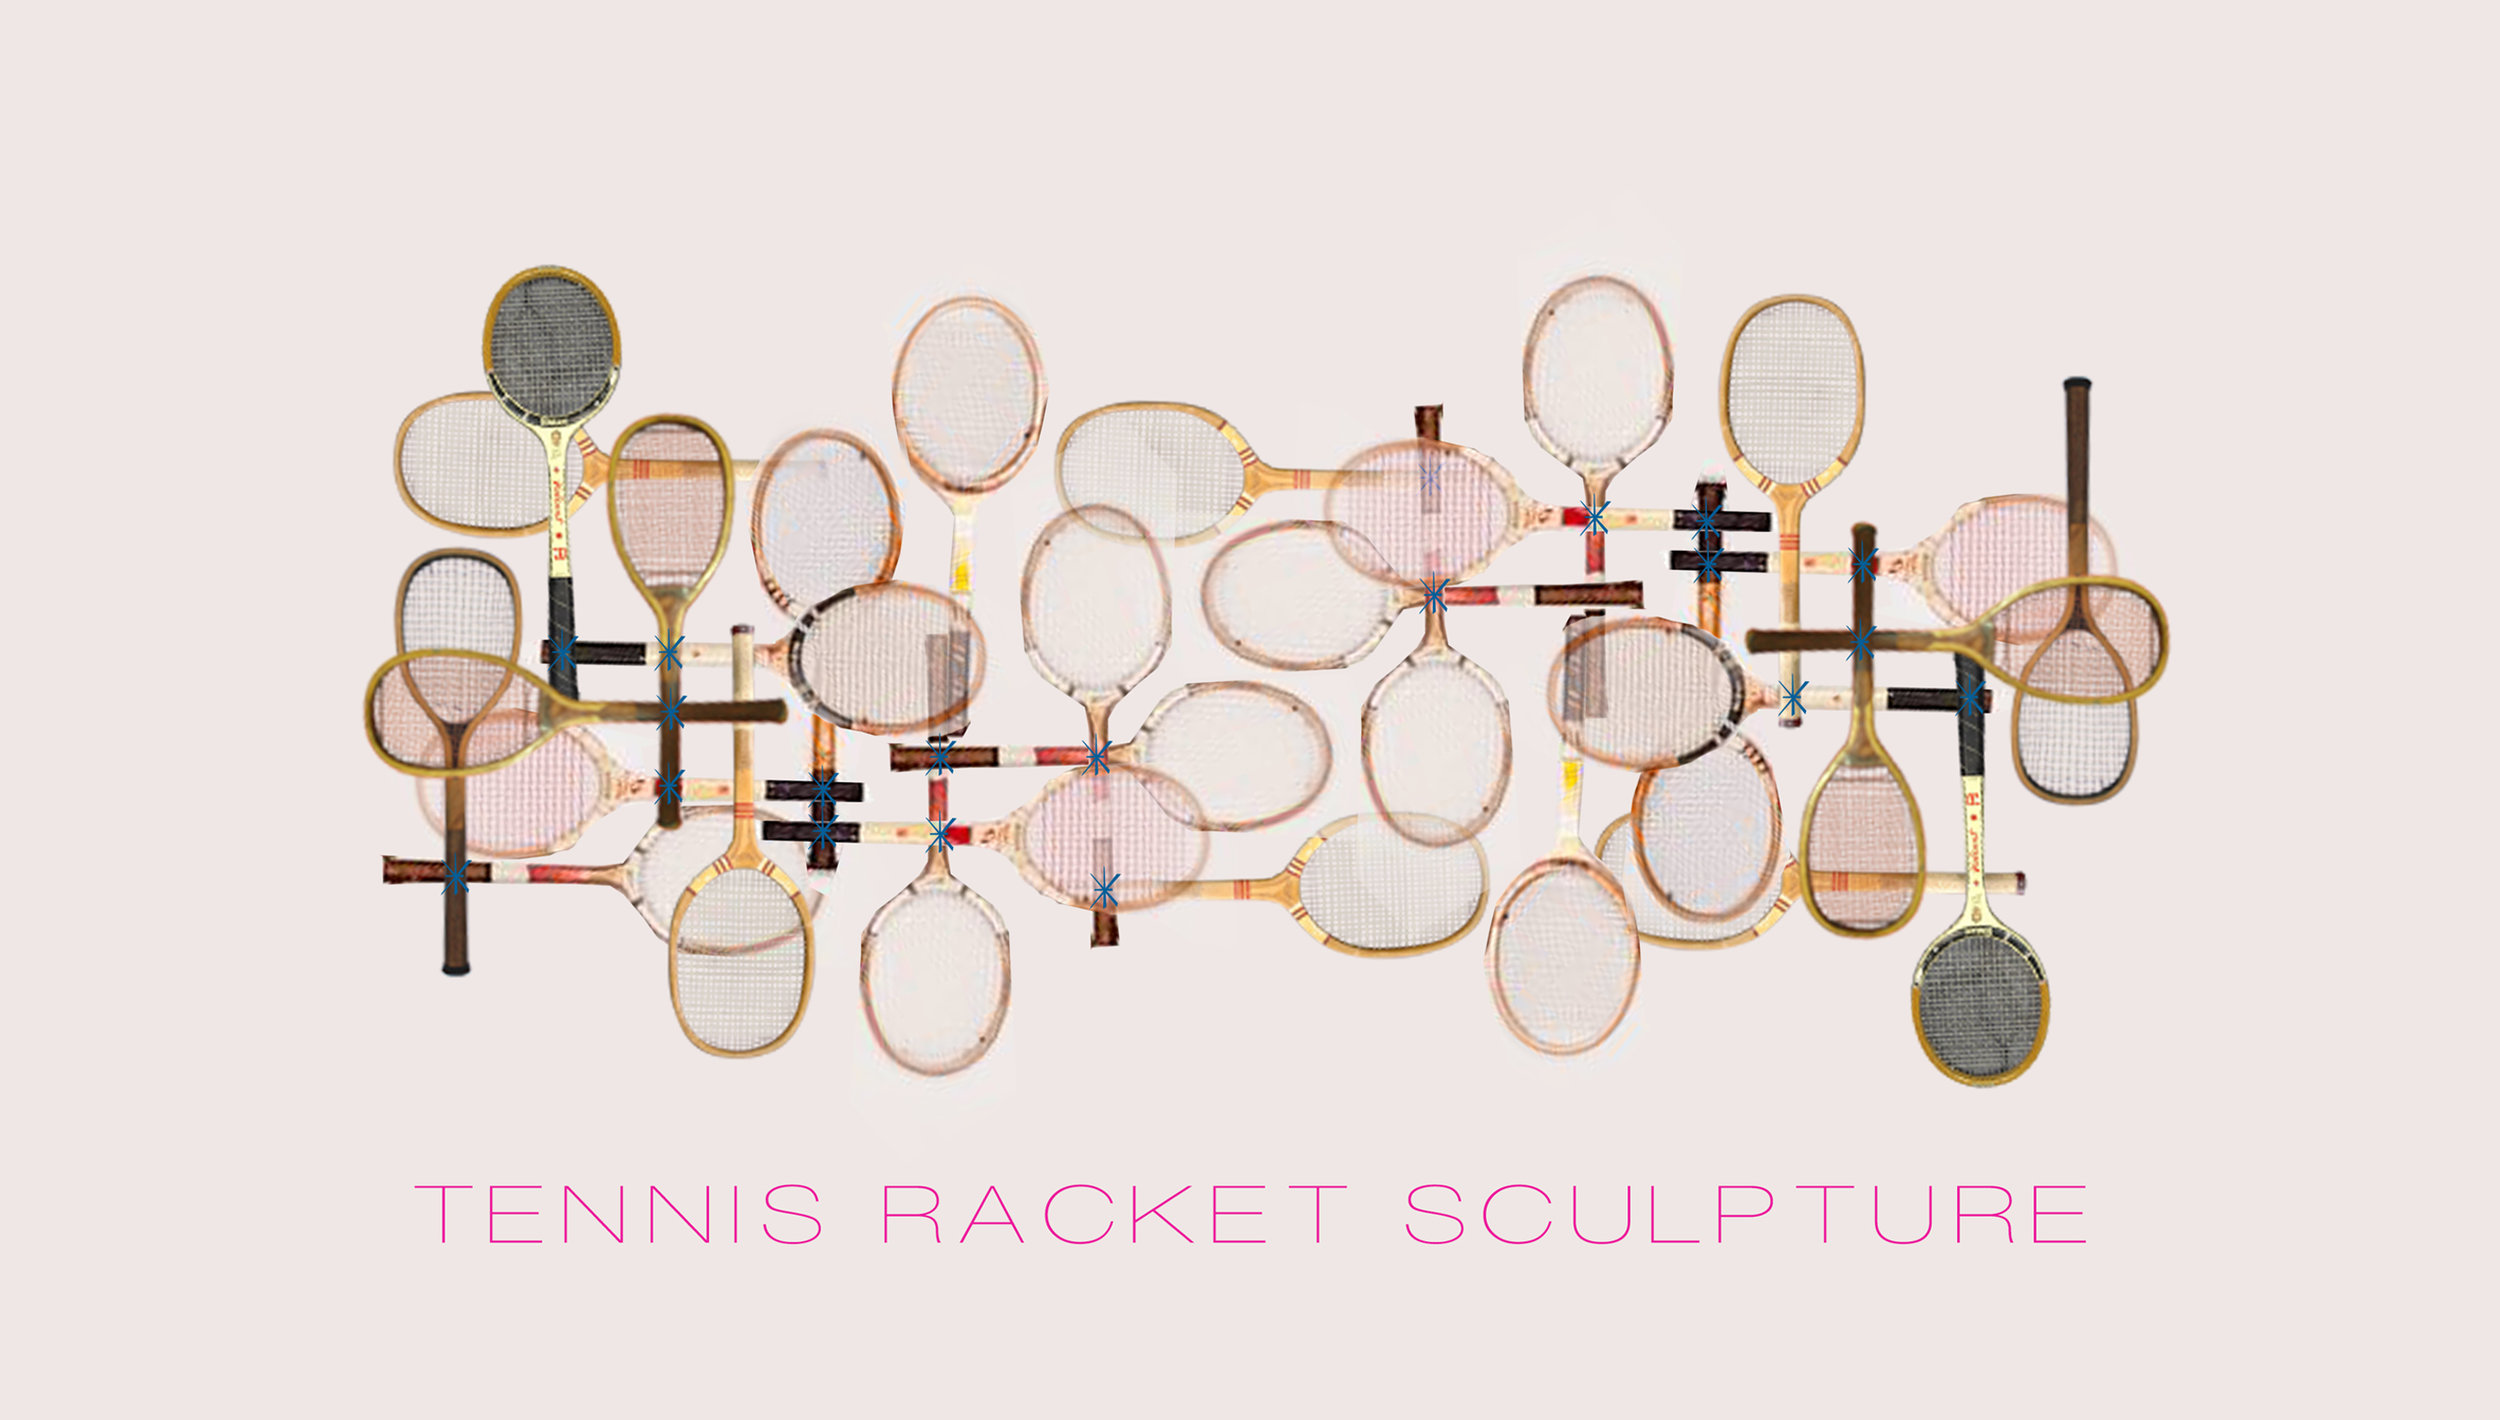 TennisRacketSculpture.jpg